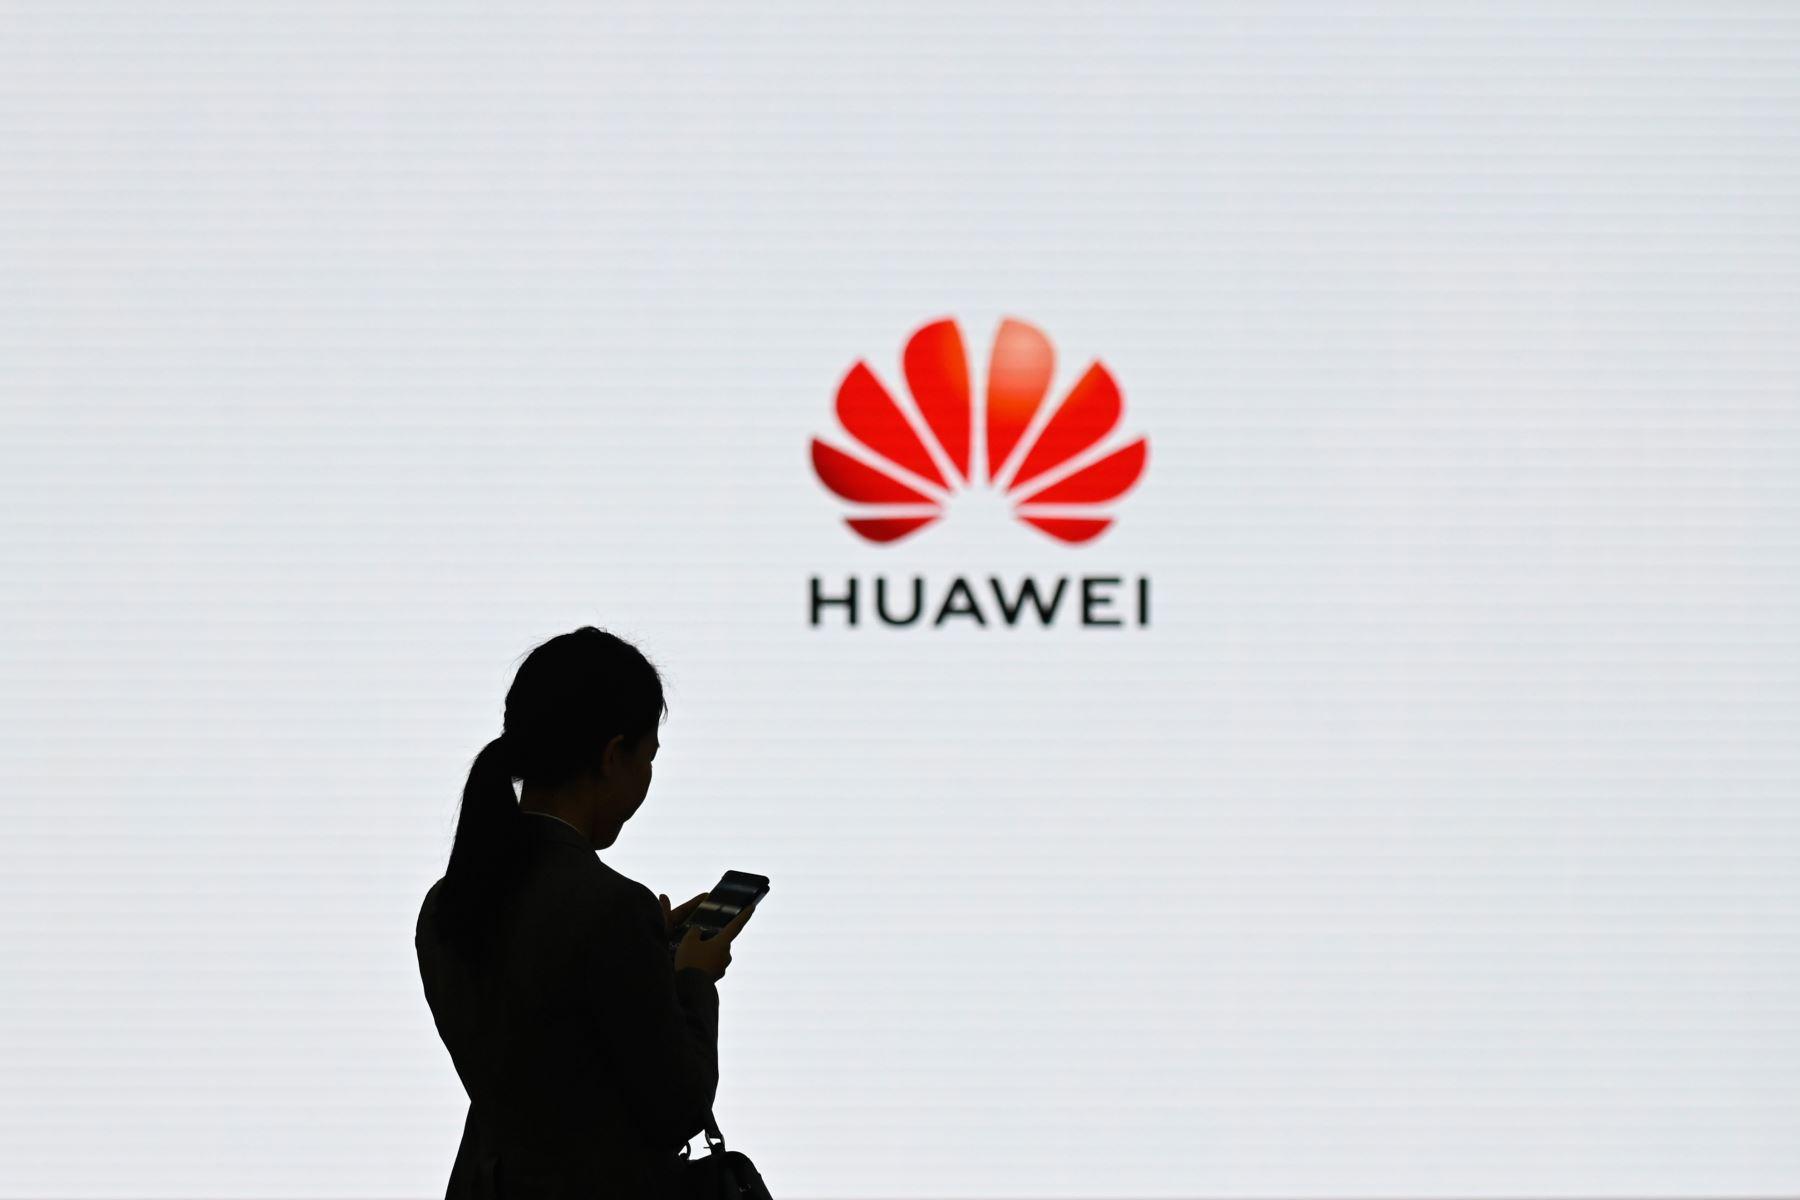 Huawei vendió un 8 % más en China, donde ya controla más de un 70 % de la cuota de mercado de teléfonos inteligentes. foto: AFP